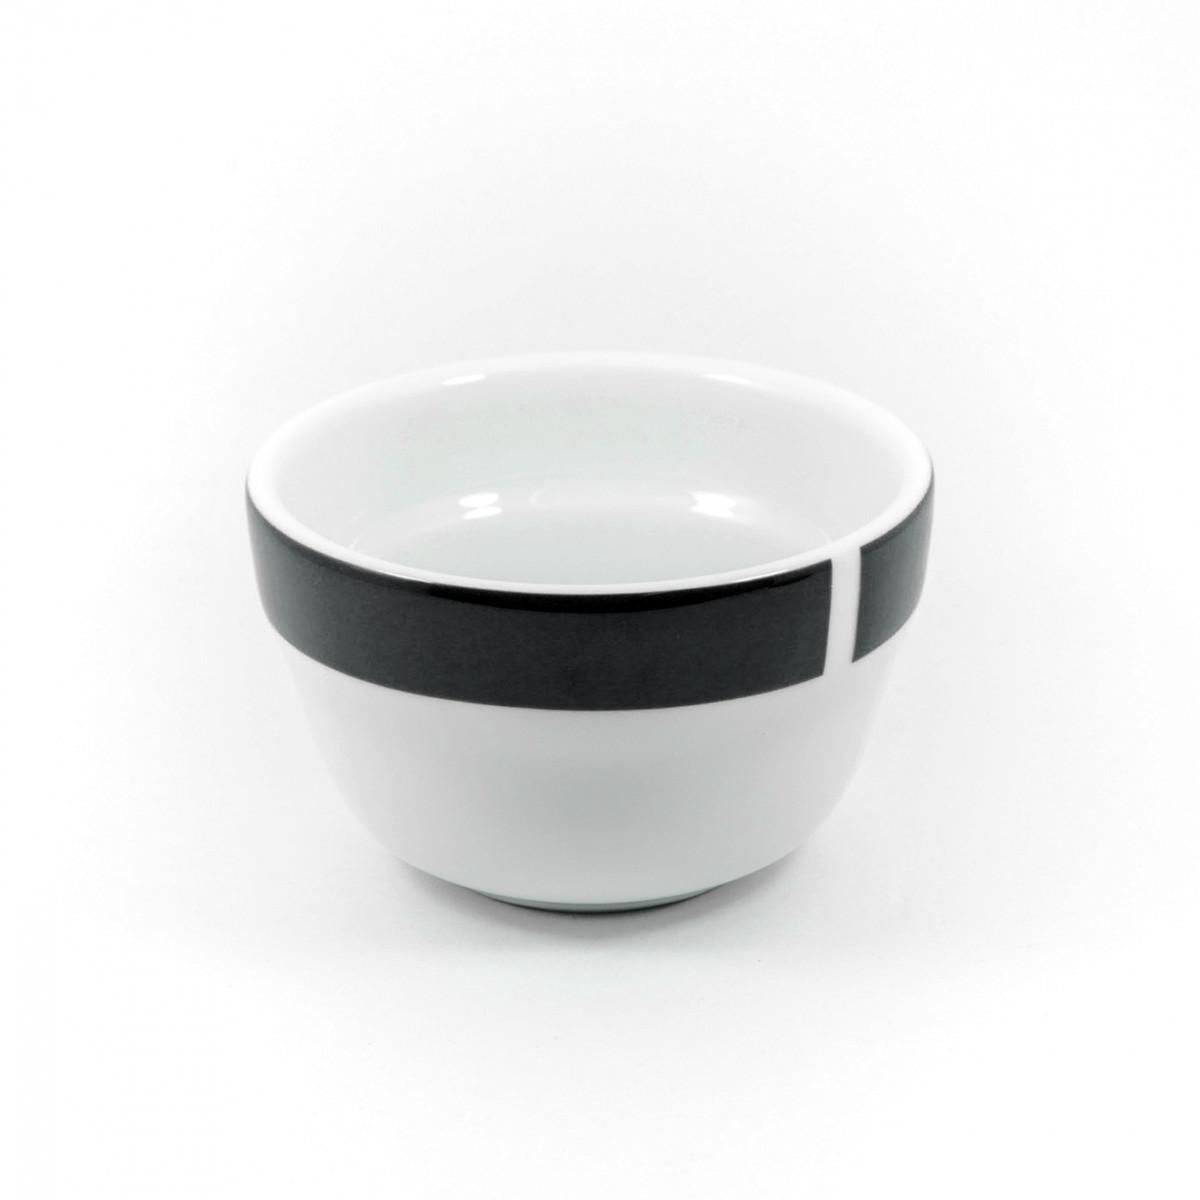 Ancap, CUPS MILLECOLORI AP-35866, Чашка фарфоровая для каппинга, черная, 240 мл, высота 57 мм